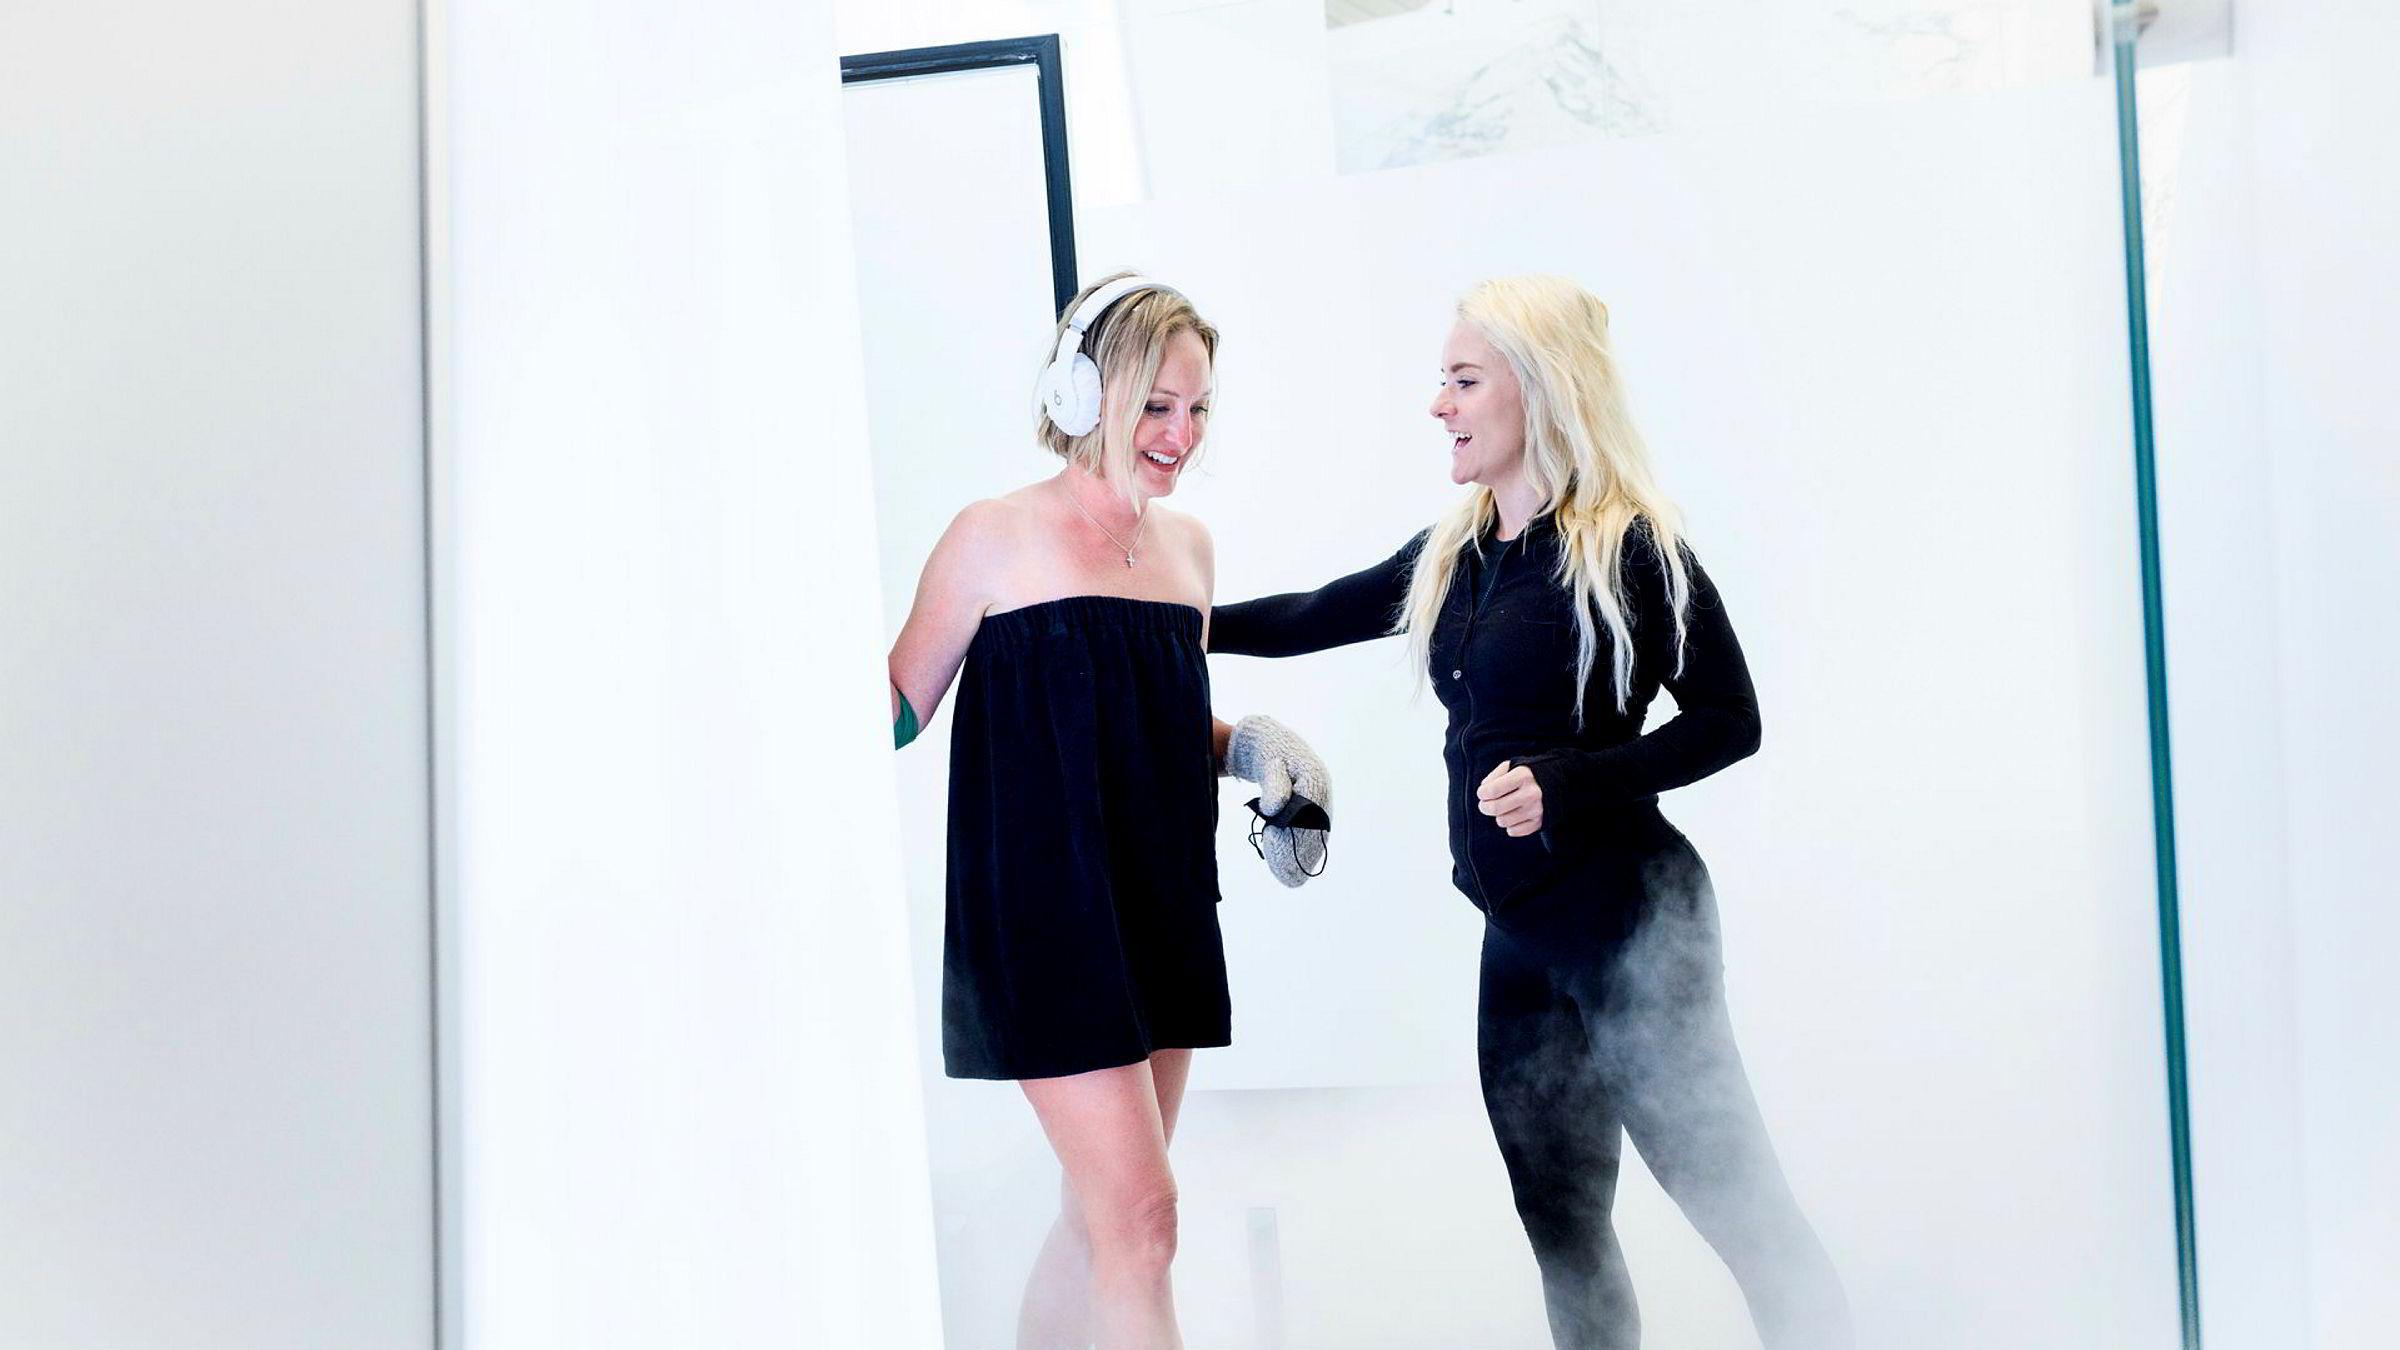 Rebecca Mullin har nettopp tilbrakt noen minutter i et rom med minus 65 grader og blir hentet ut av ansatt Taylor Orourke hos Next Health i Beverly Hills.